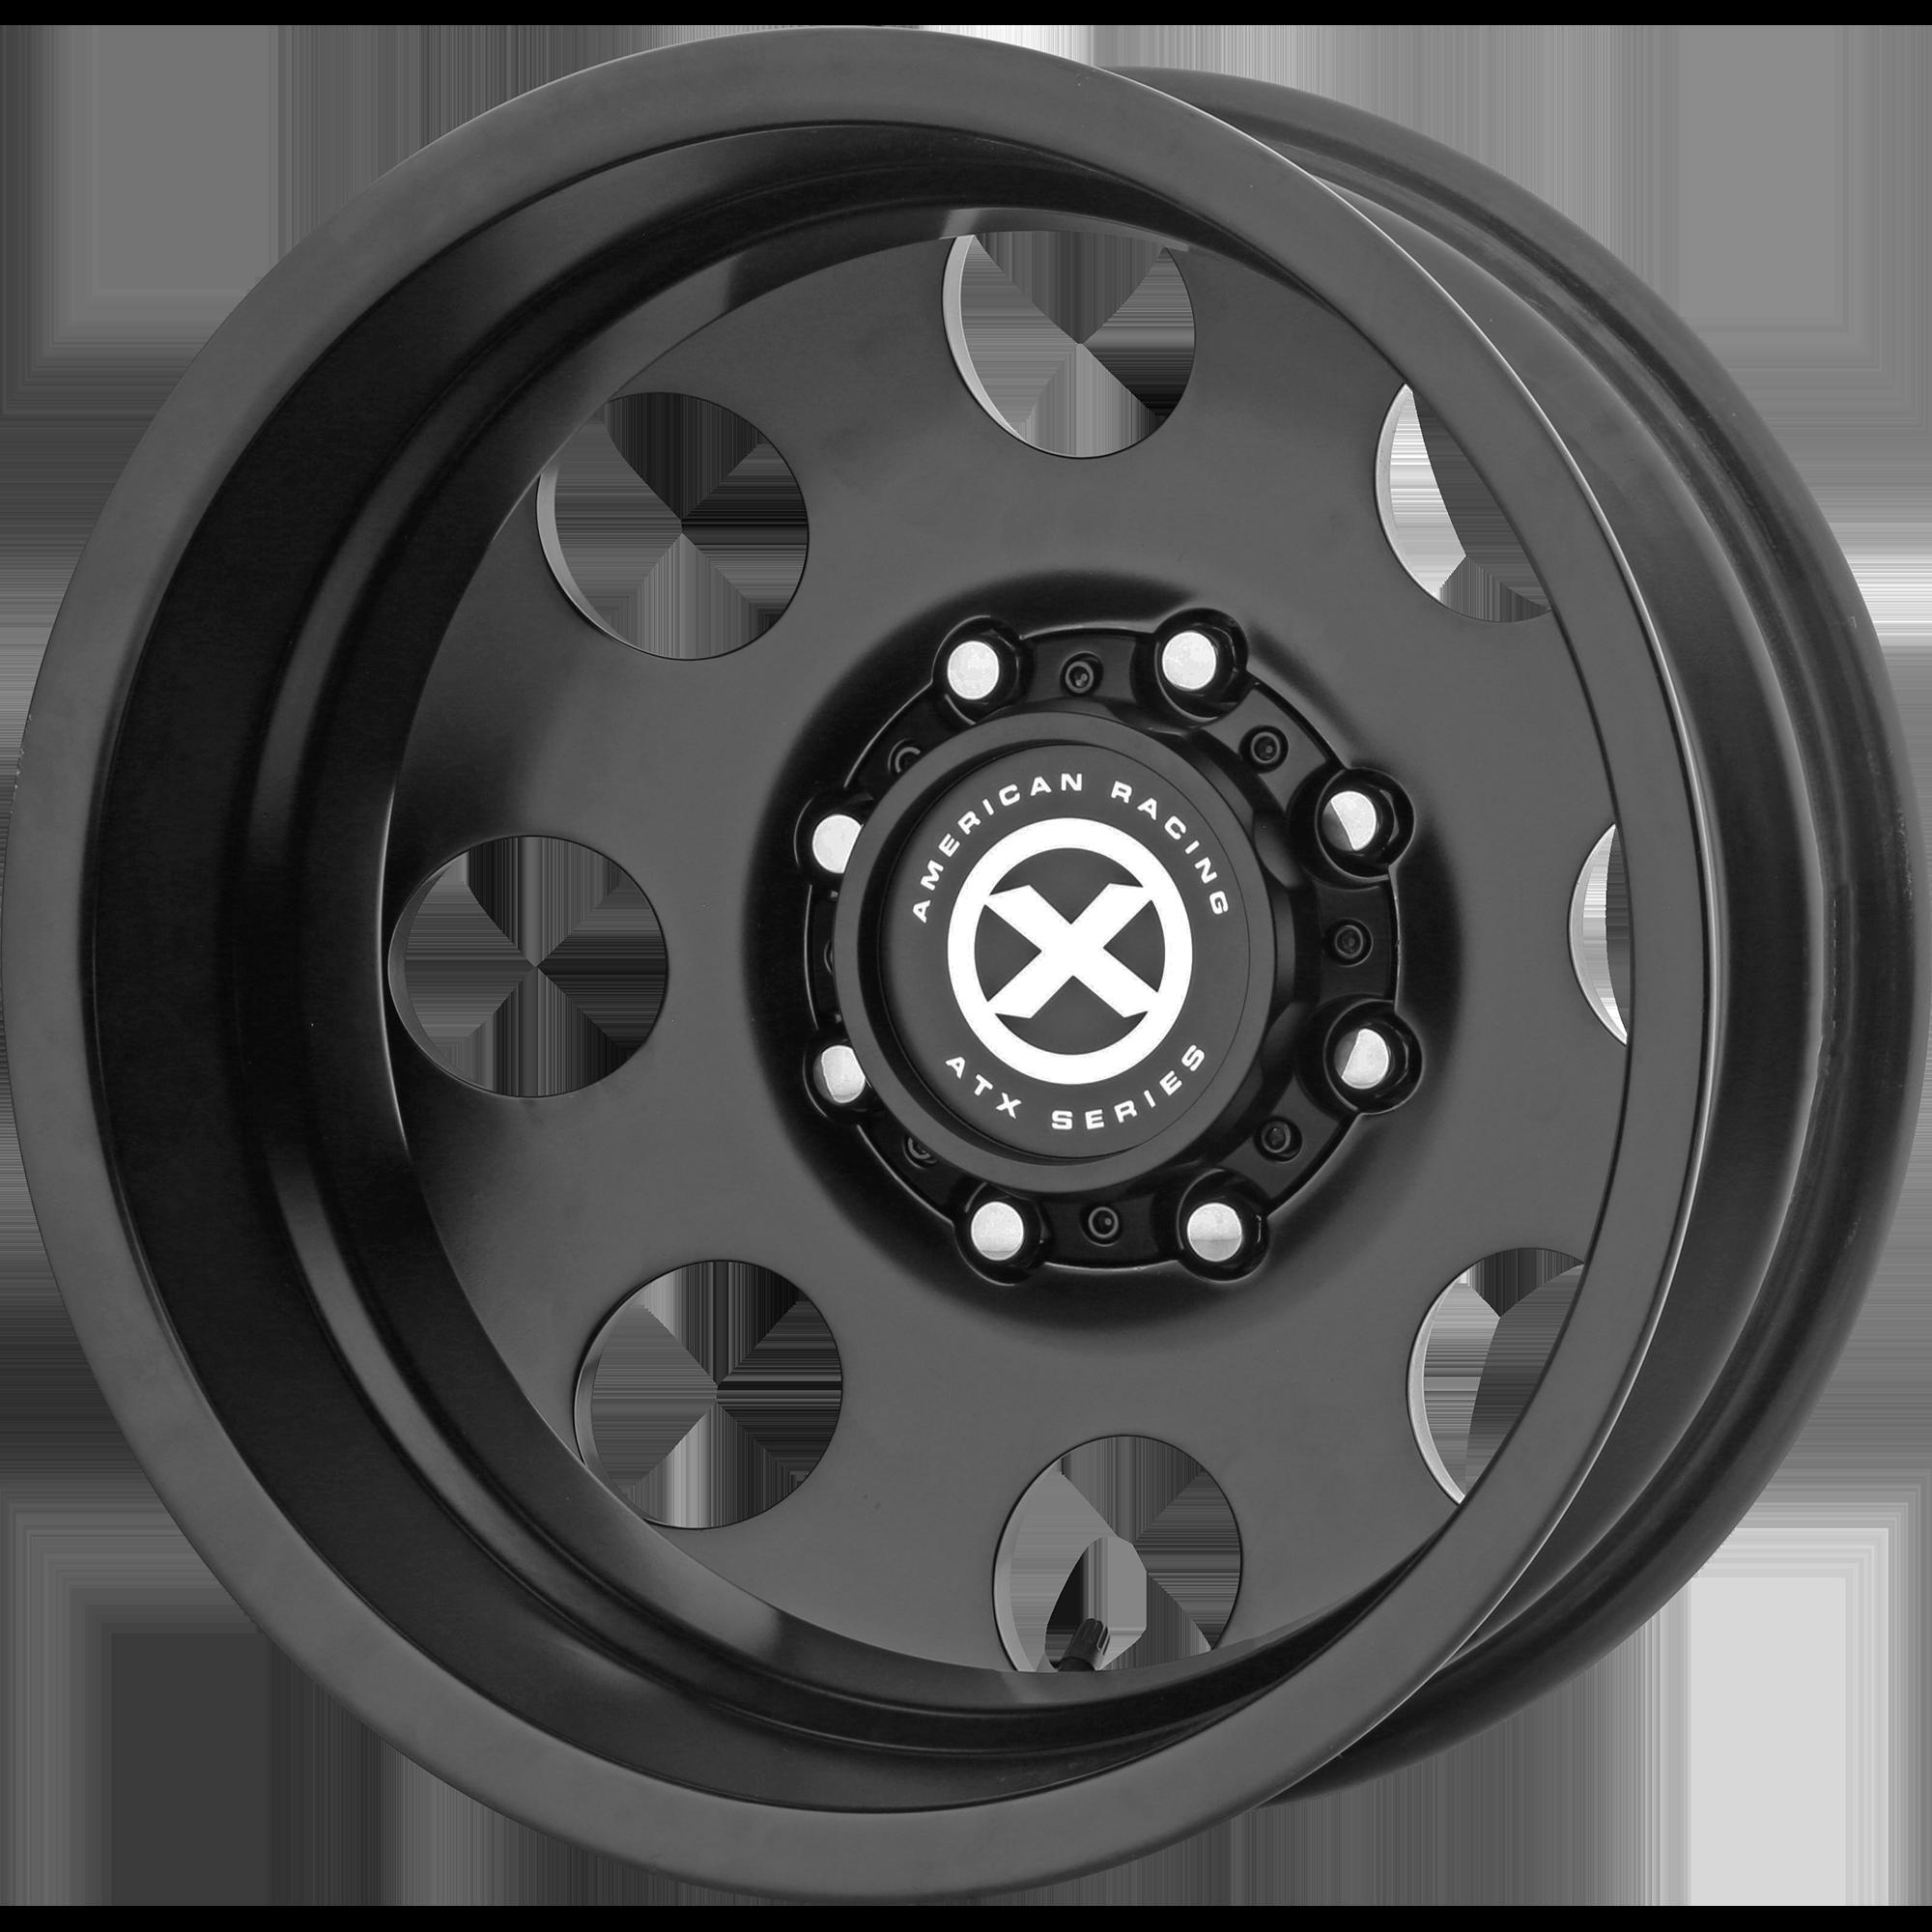 ATX SERIES AX204 BAJA DUALLY hliníkové disky 6,5x17 8x210 ET-140 Satin Black - Rear